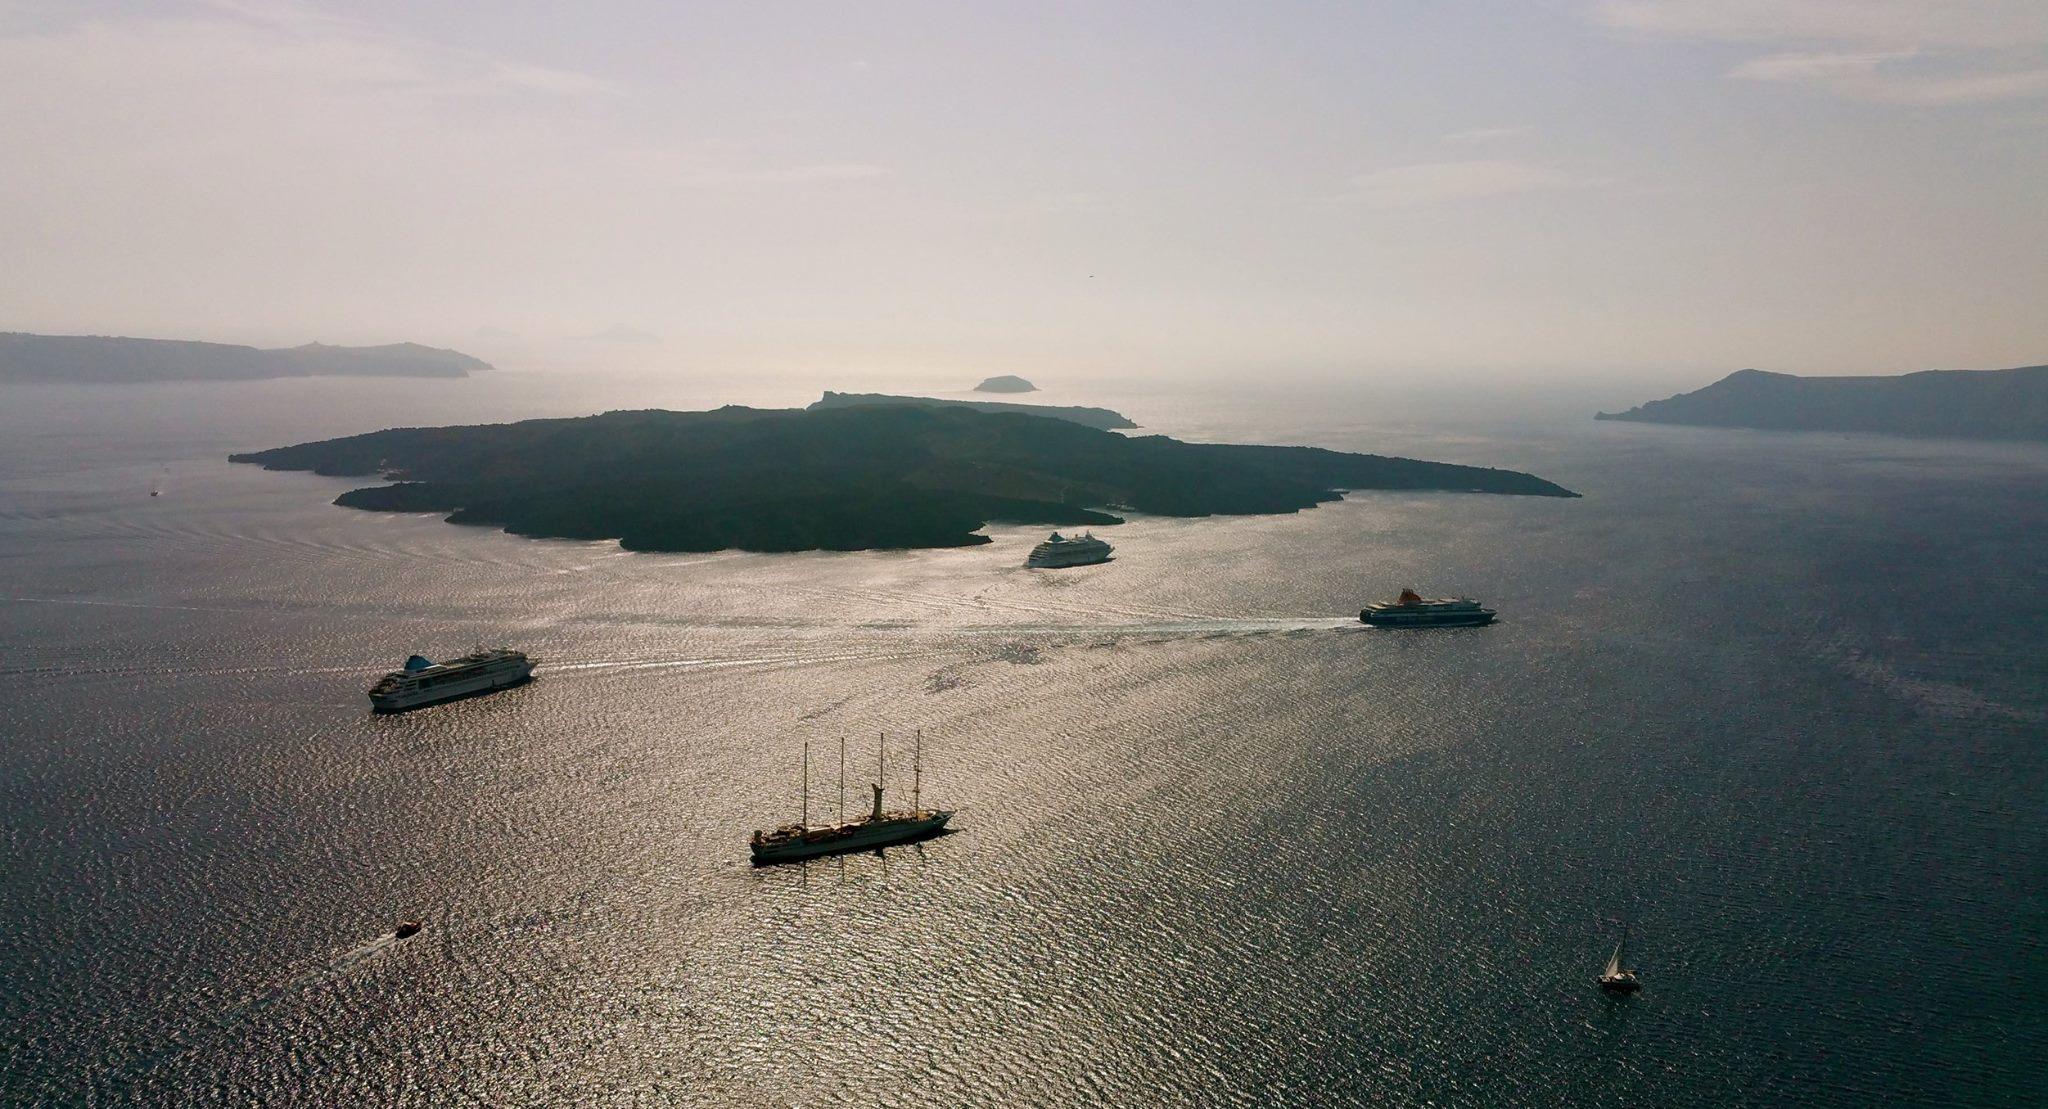 Ostrov a plachetnice